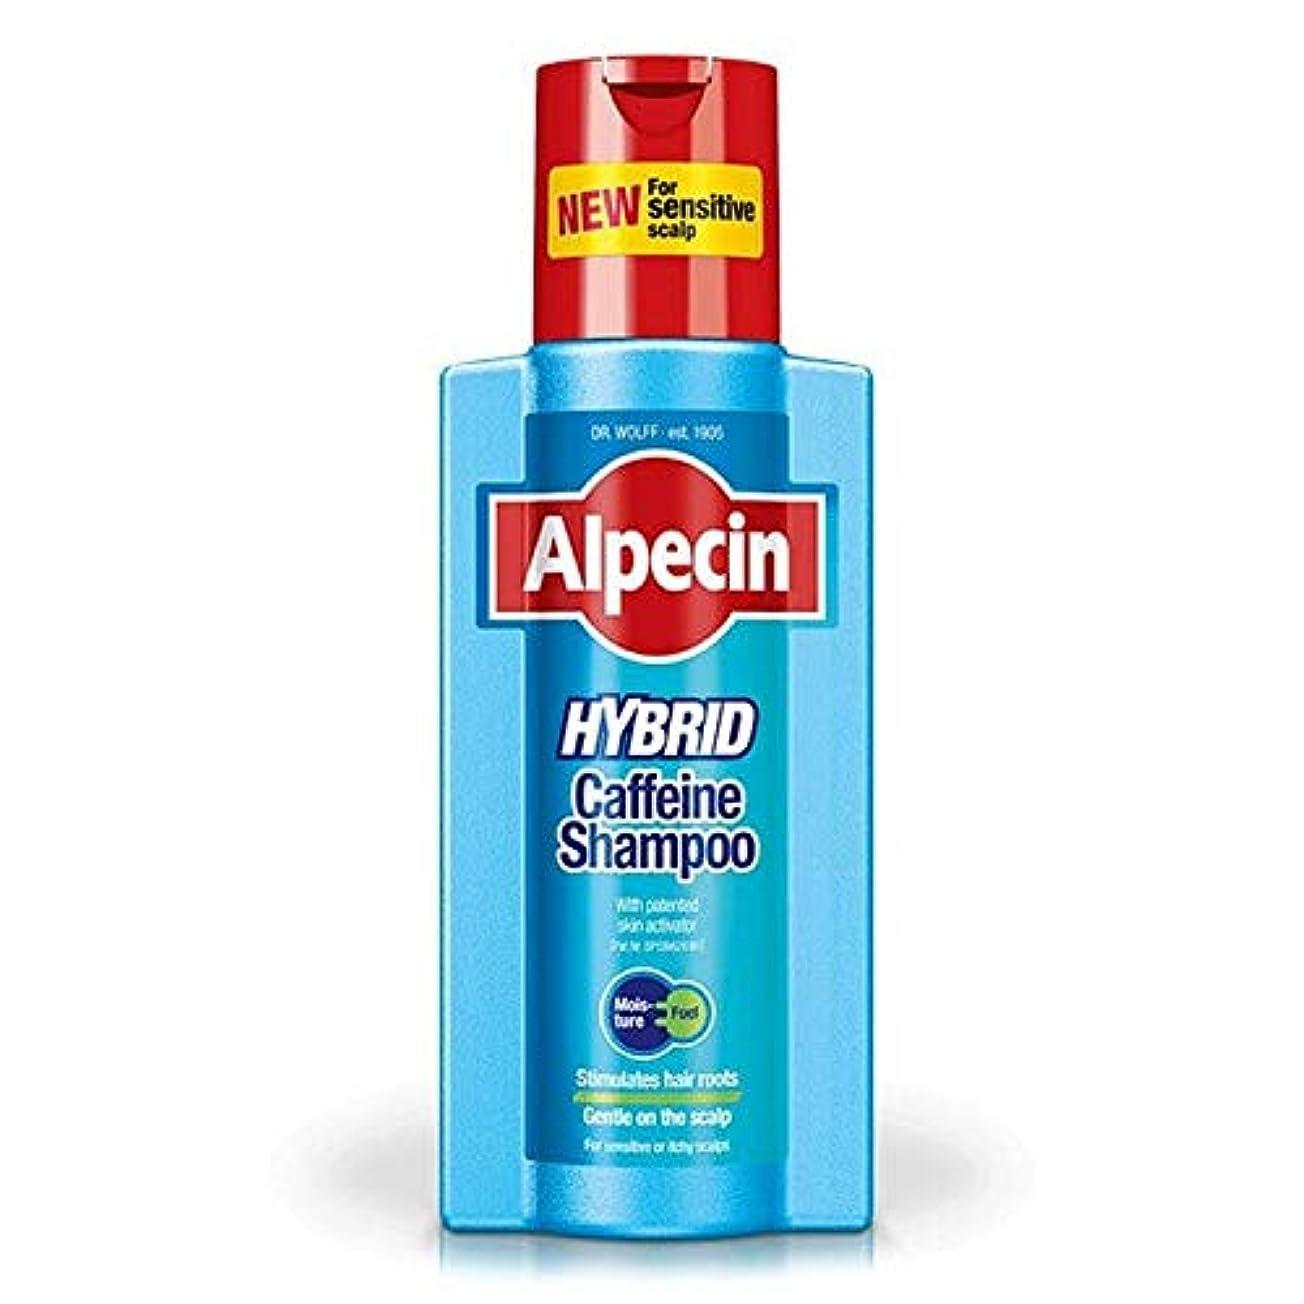 するだろう粘着性柔らかい足[Alpecin] ハイブリッドシャンプー375ミリリットルAlpecin - Alpecin Hybrid Shampoo 375ml [並行輸入品]